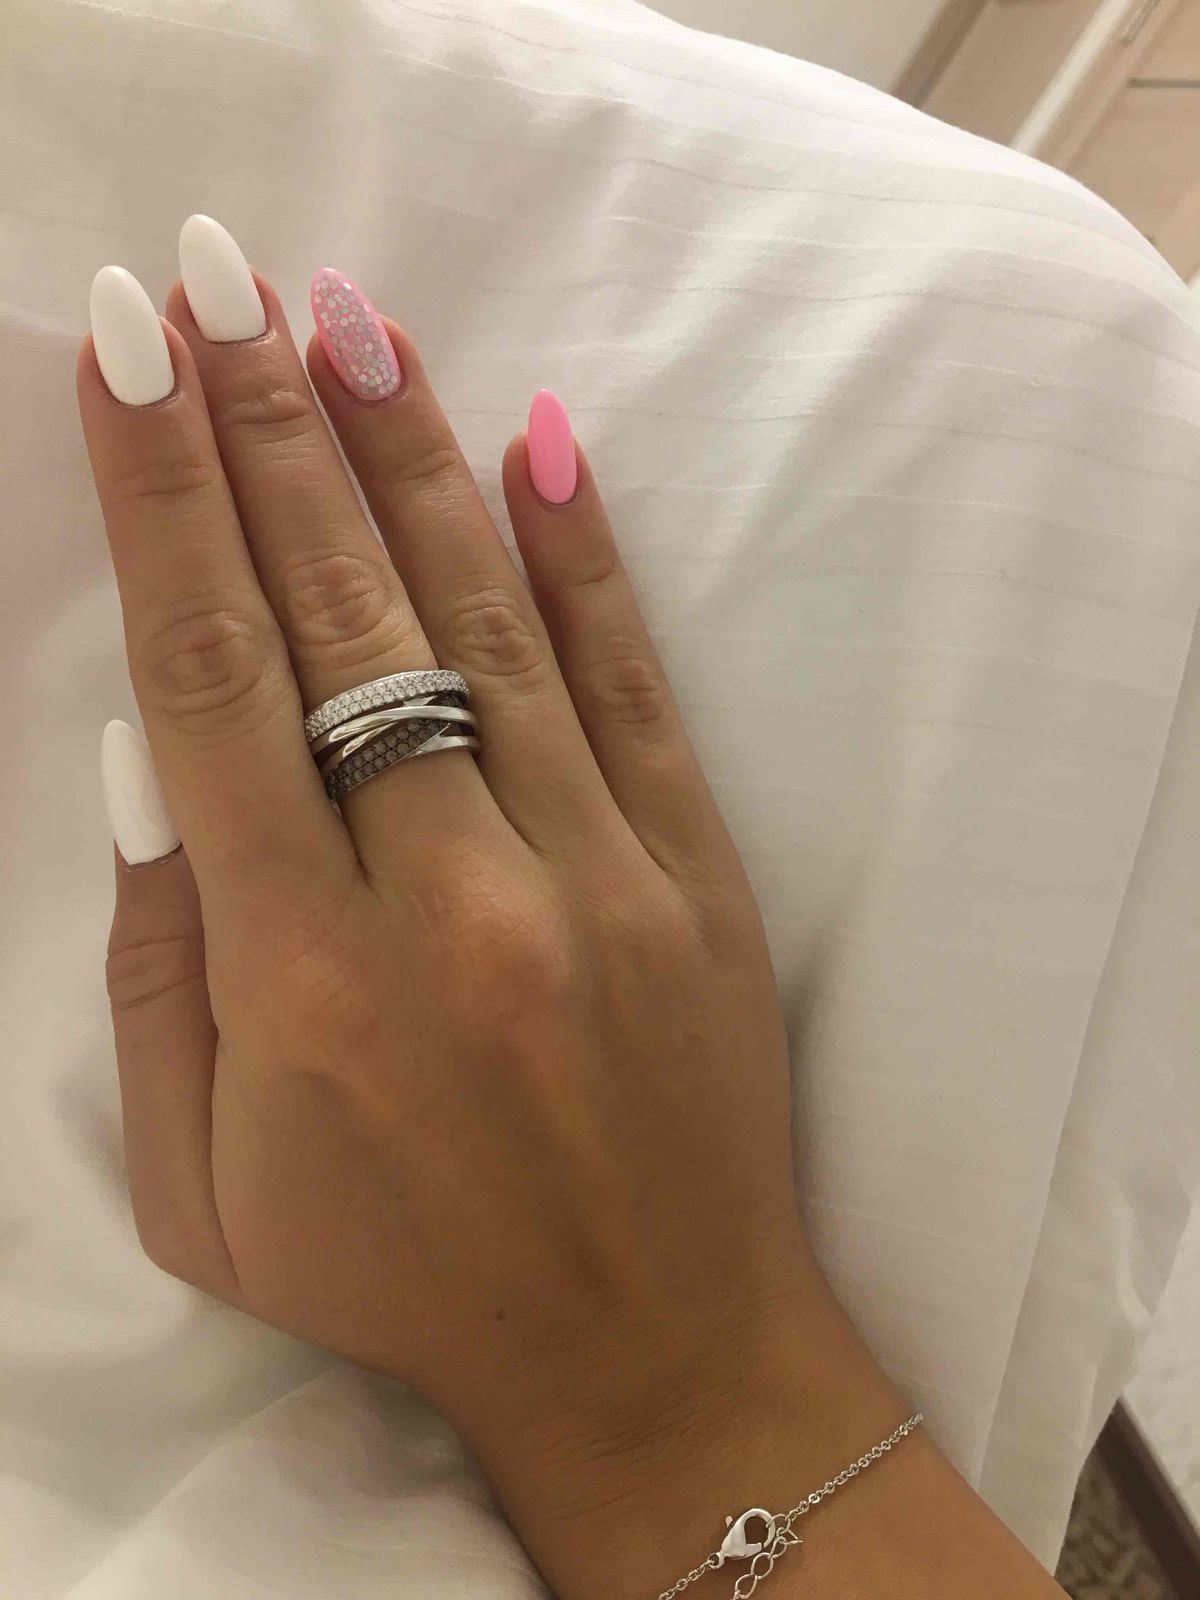 Серебряное кольцо с фианитами, санлайт г бийск. торговый центр воскресенье!